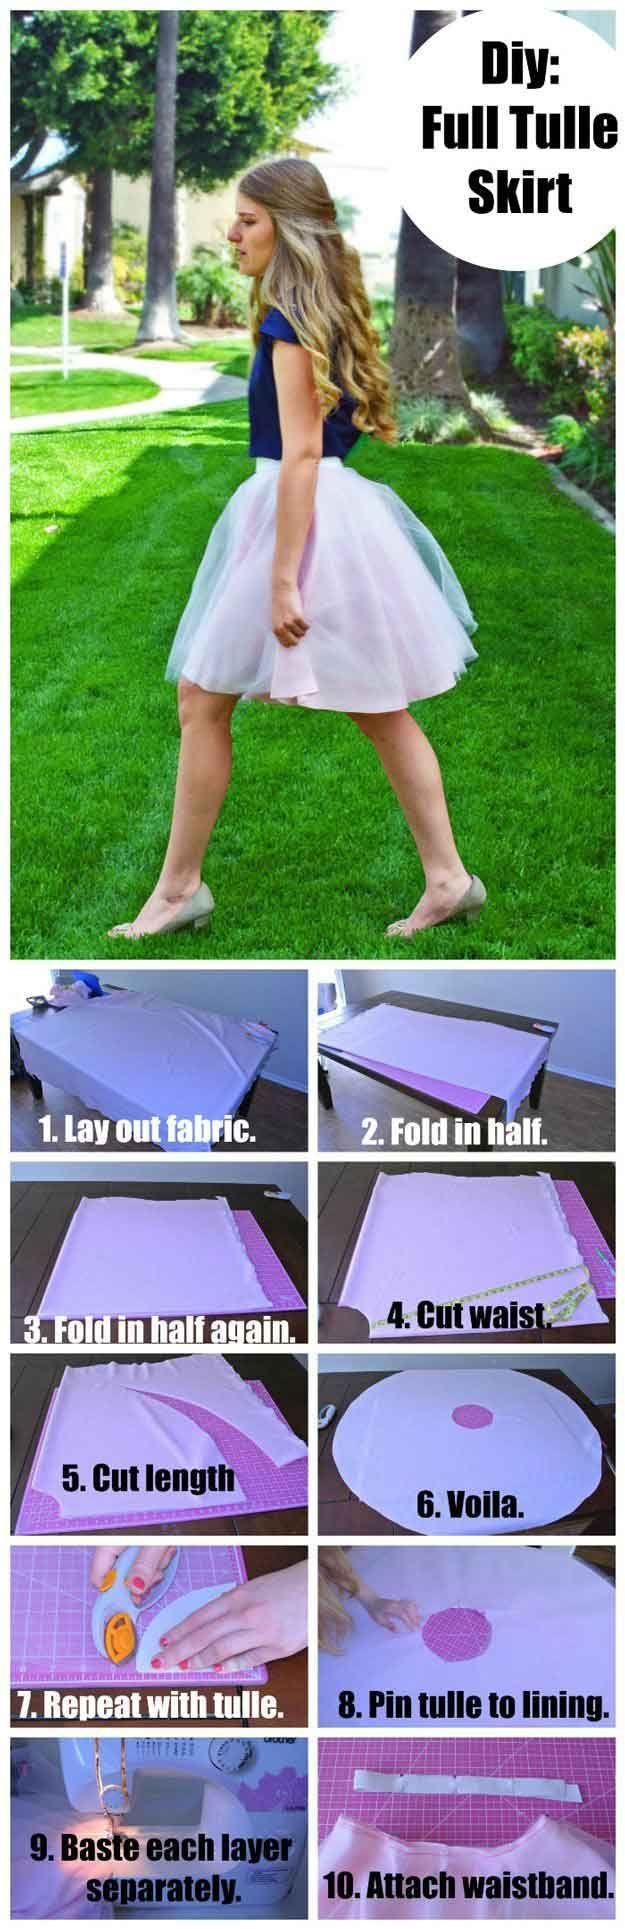 DIY Full Tulle Skirt | DIY Skirts and Pants for Women